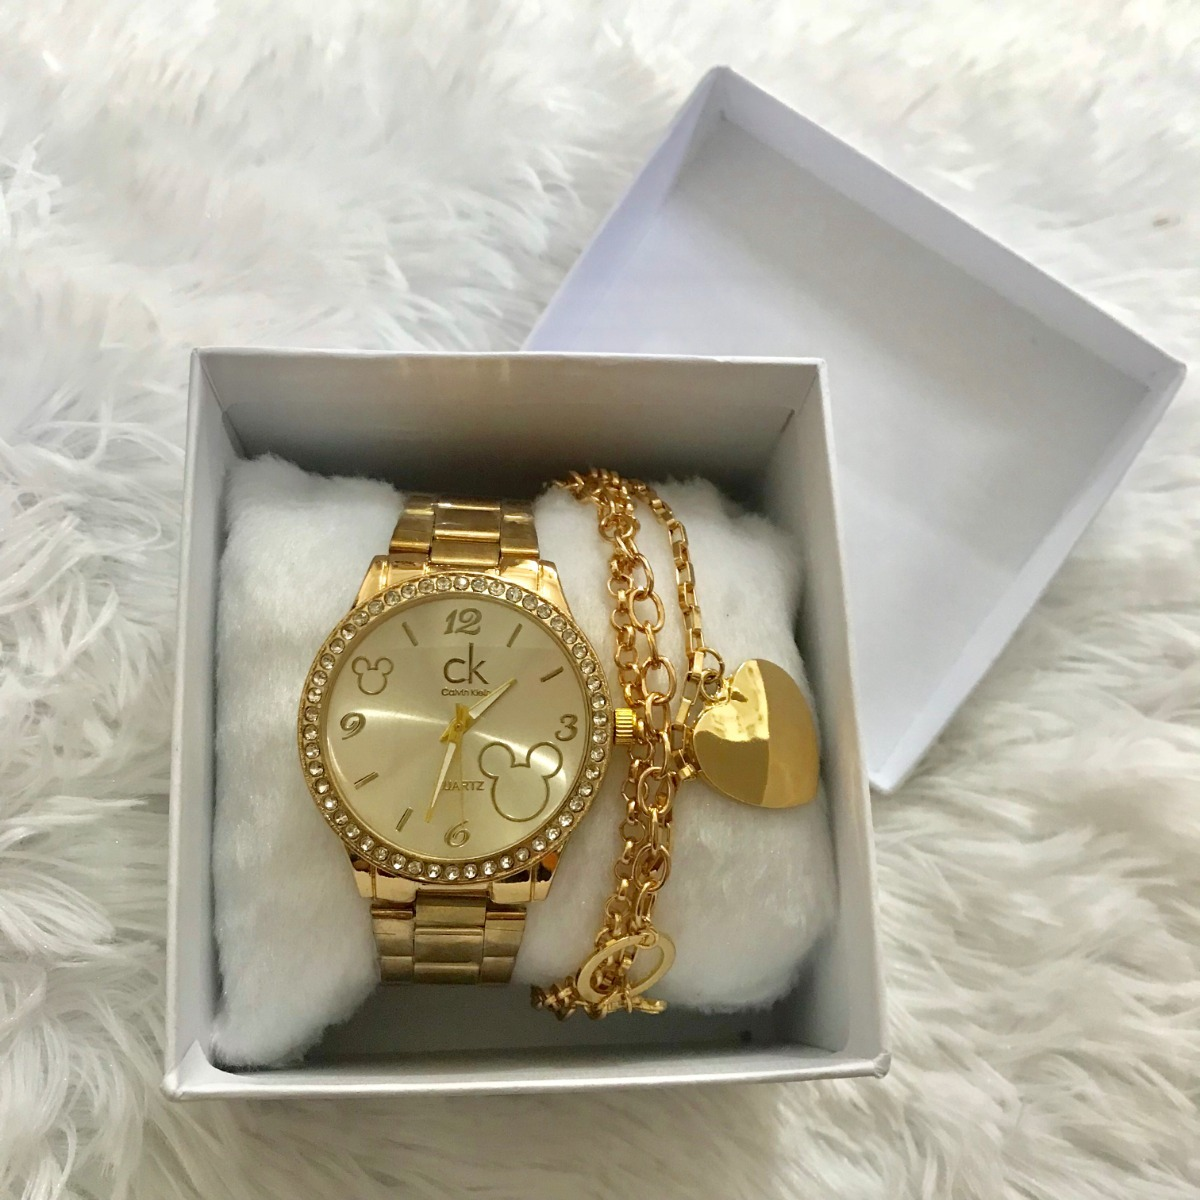 Relógio Dourado Mickey Feminino Strass Pulseira Lindo 2019 - R  59,99 em  Mercado Livre 65c5e58124